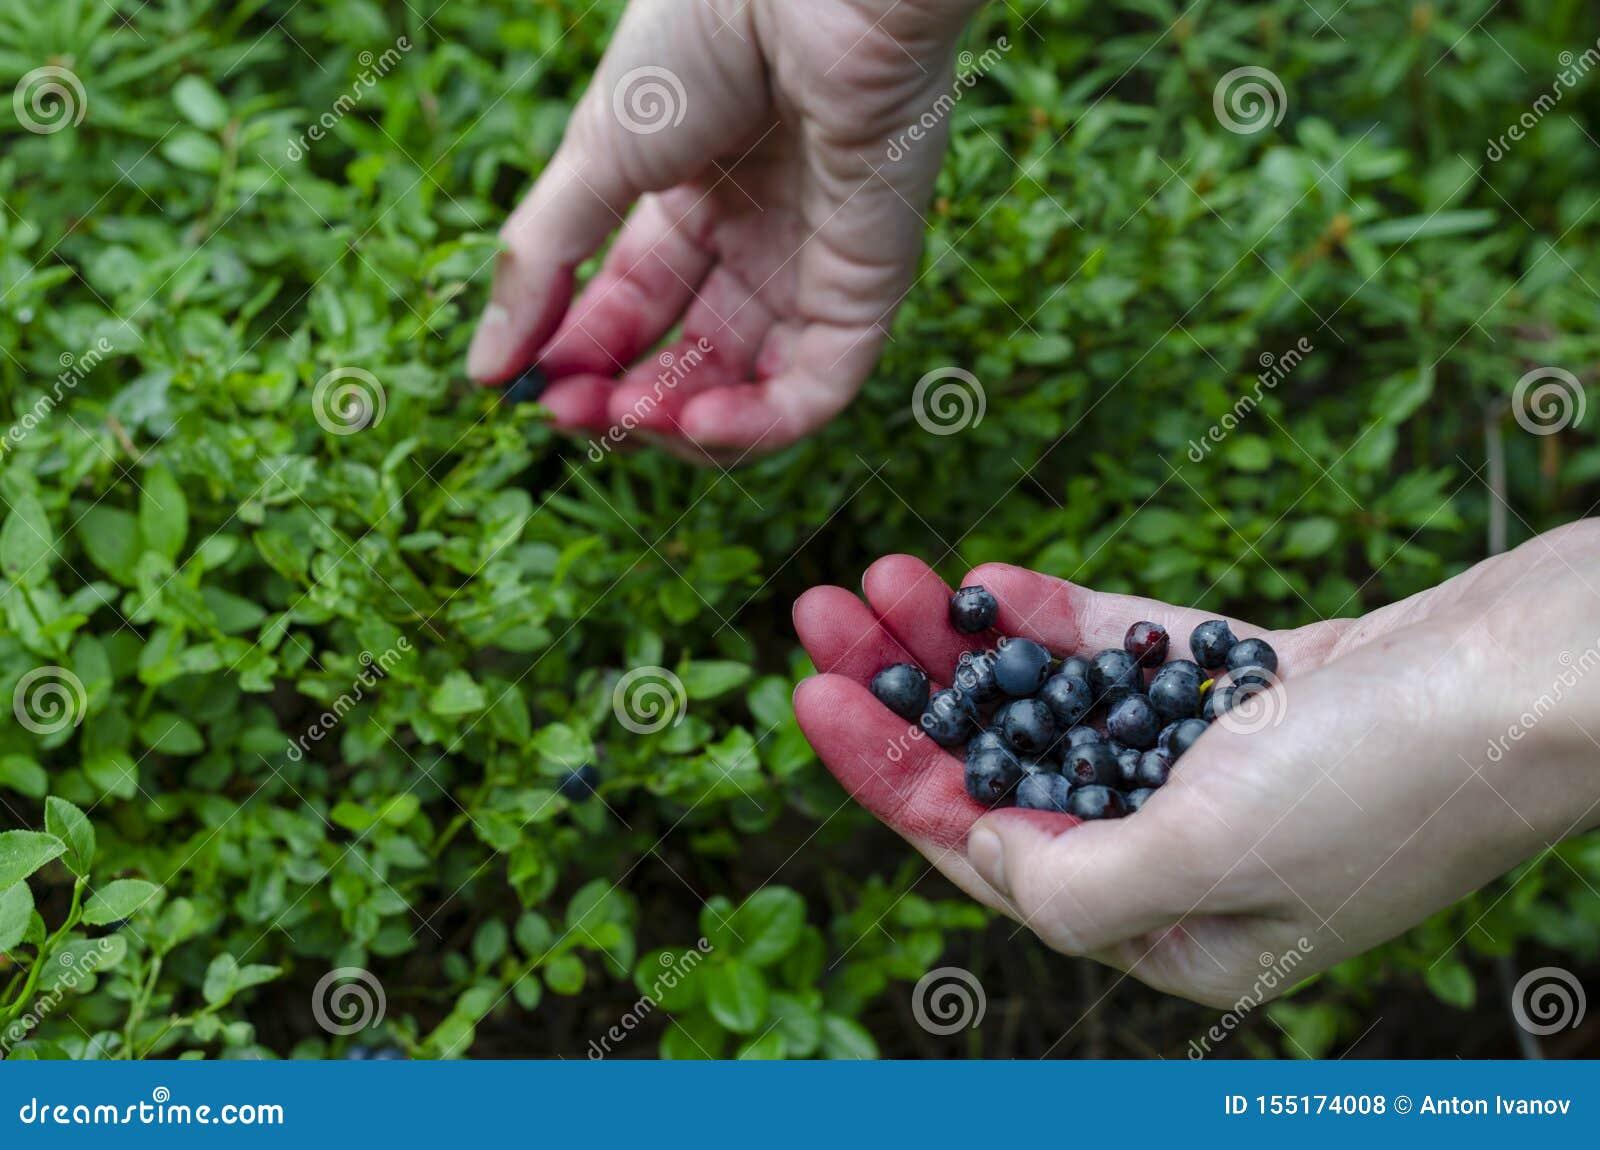 手新鲜的蓝莓的妇女藏品在越桔灌木背景